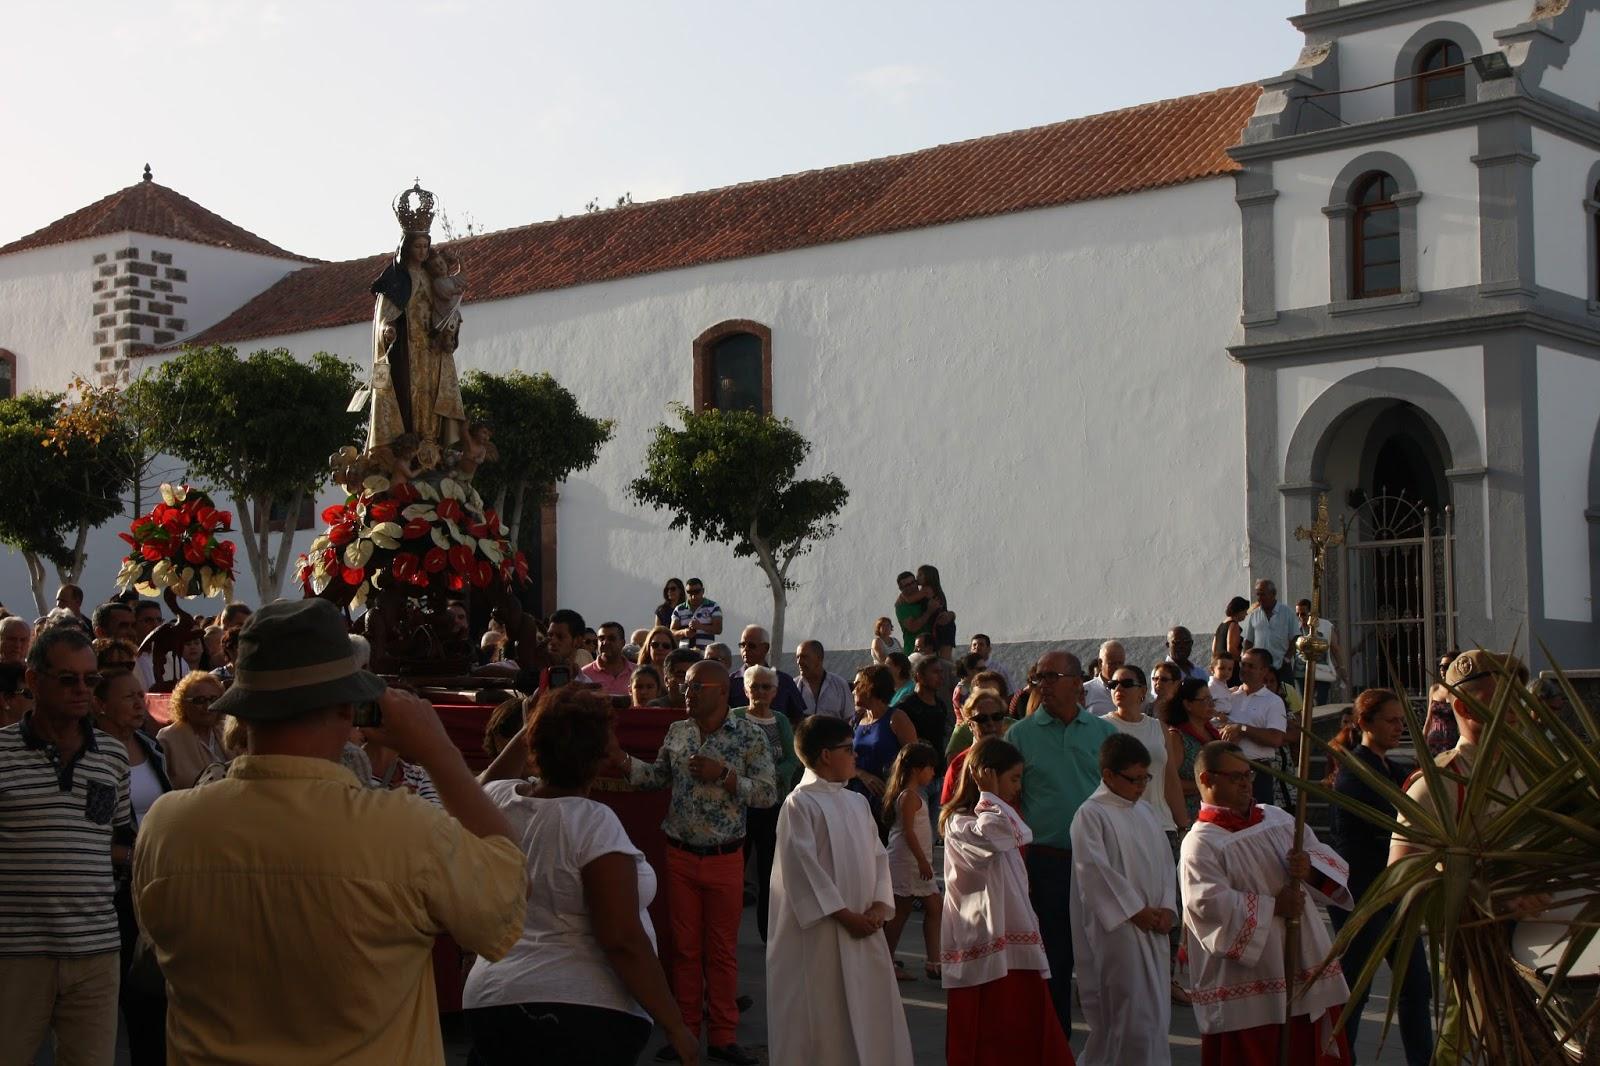 Parroquia ntra sra del rosario fiesta virgen del carmen en puerto del rosario - Farmacia guardia puerto del rosario ...